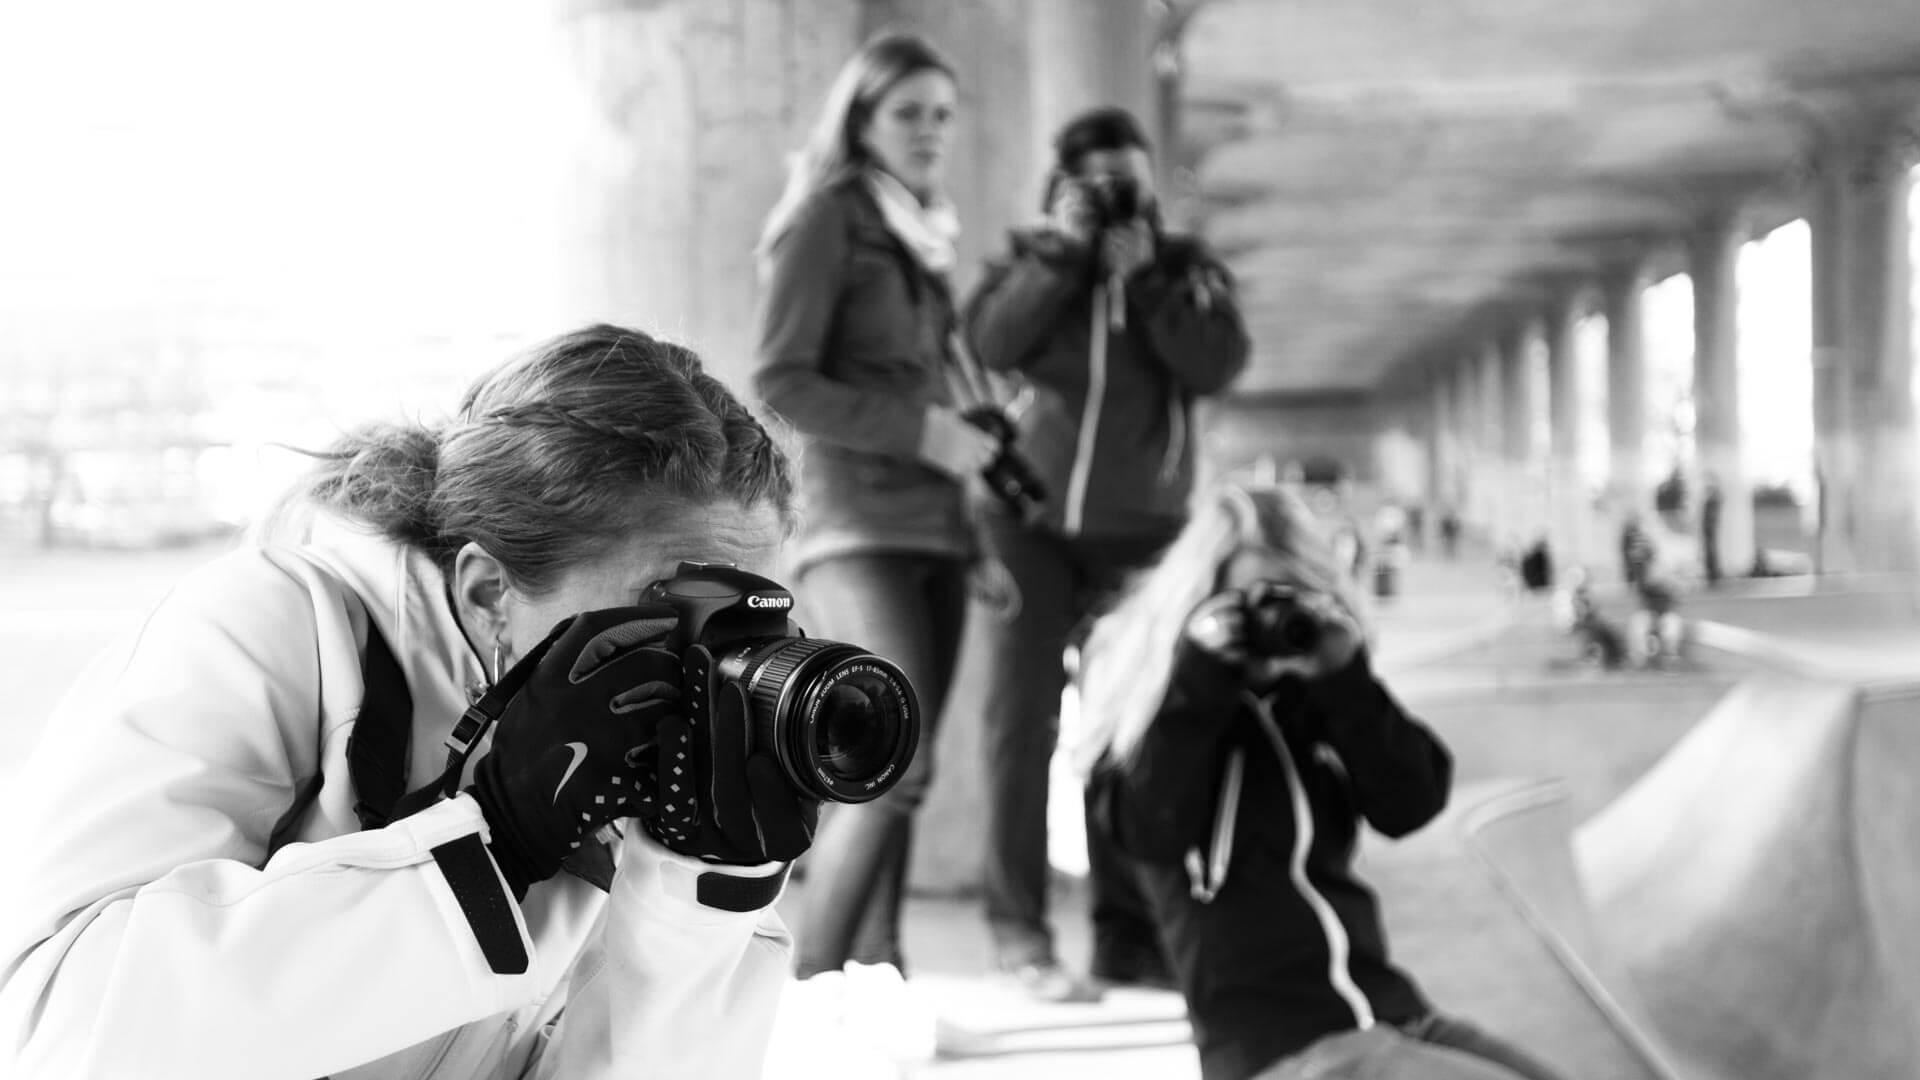 Grundkurs fotografering. Lär dig grunderna i fotografering för att utvecklas